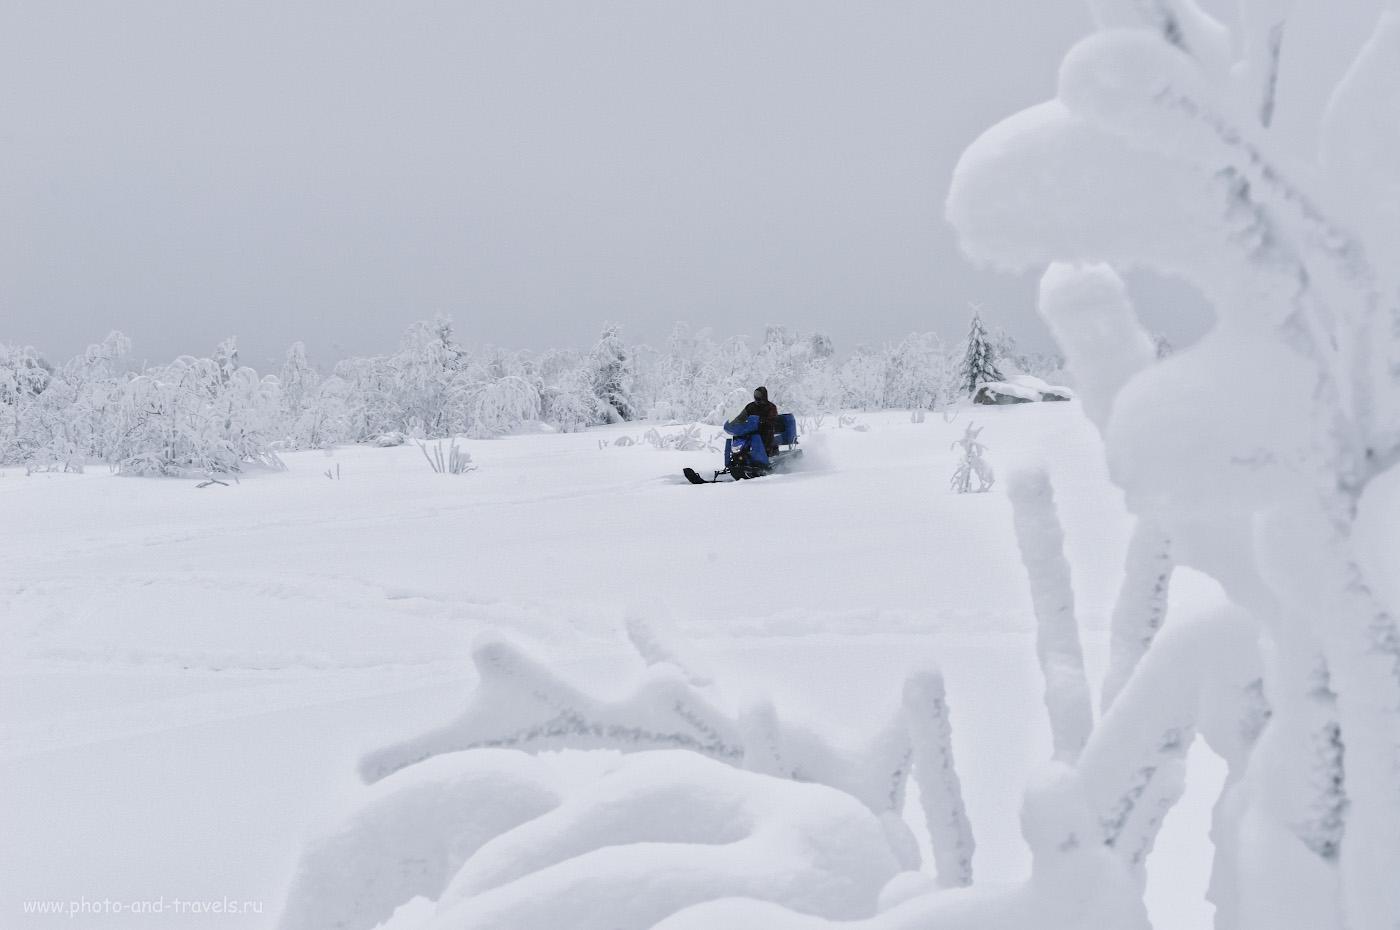 13. Вдоль скал на горе Крестовая постоянно ездят снегоходы. Это облегчает пешую прогулку туристам: по следу не проваливаешься. 1/125, 10.0, 720, +1.67, 56.